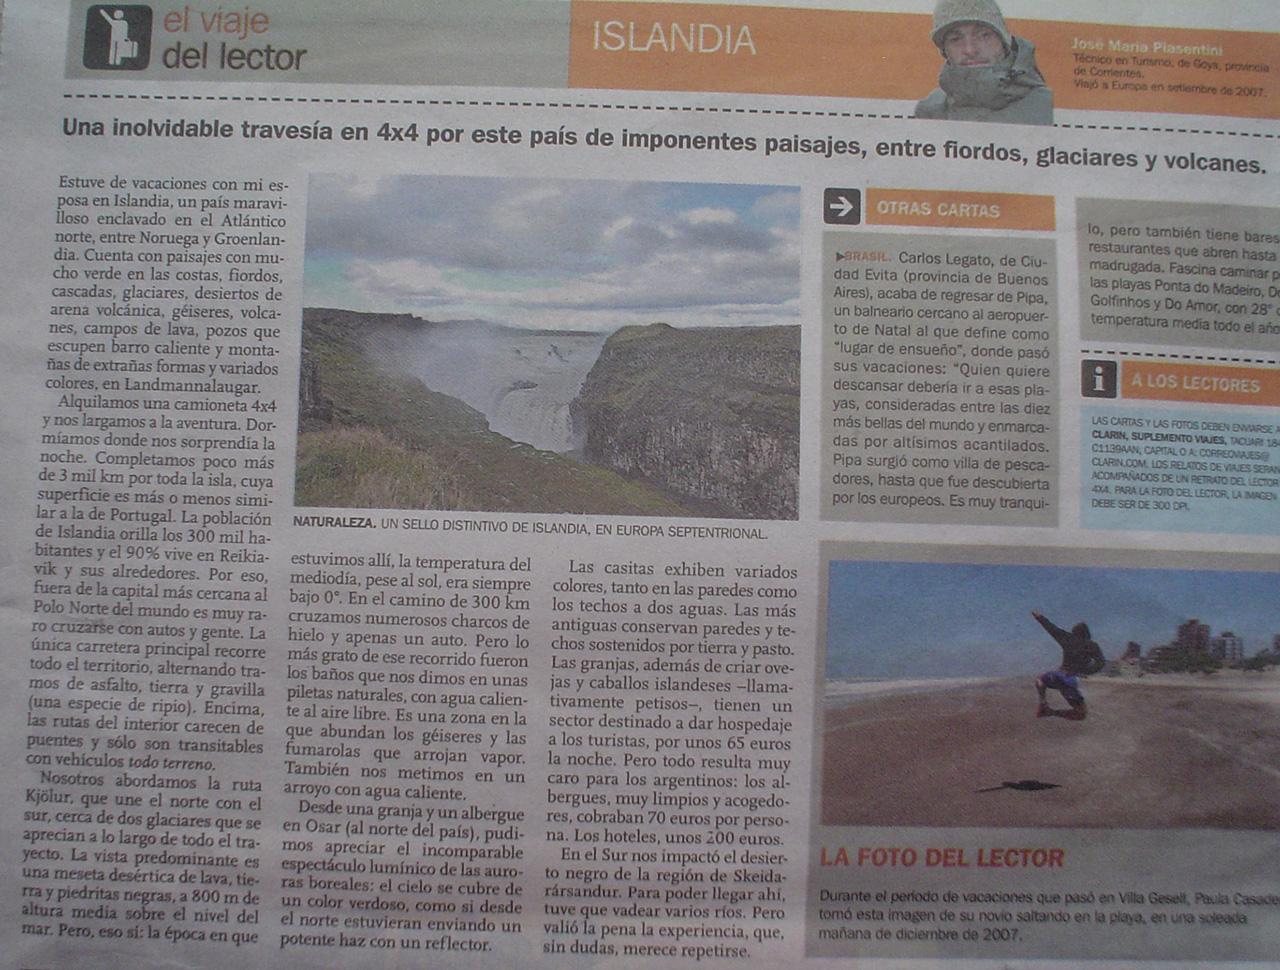 diario-Clarin-Recordando nuestro viaje a Islandia